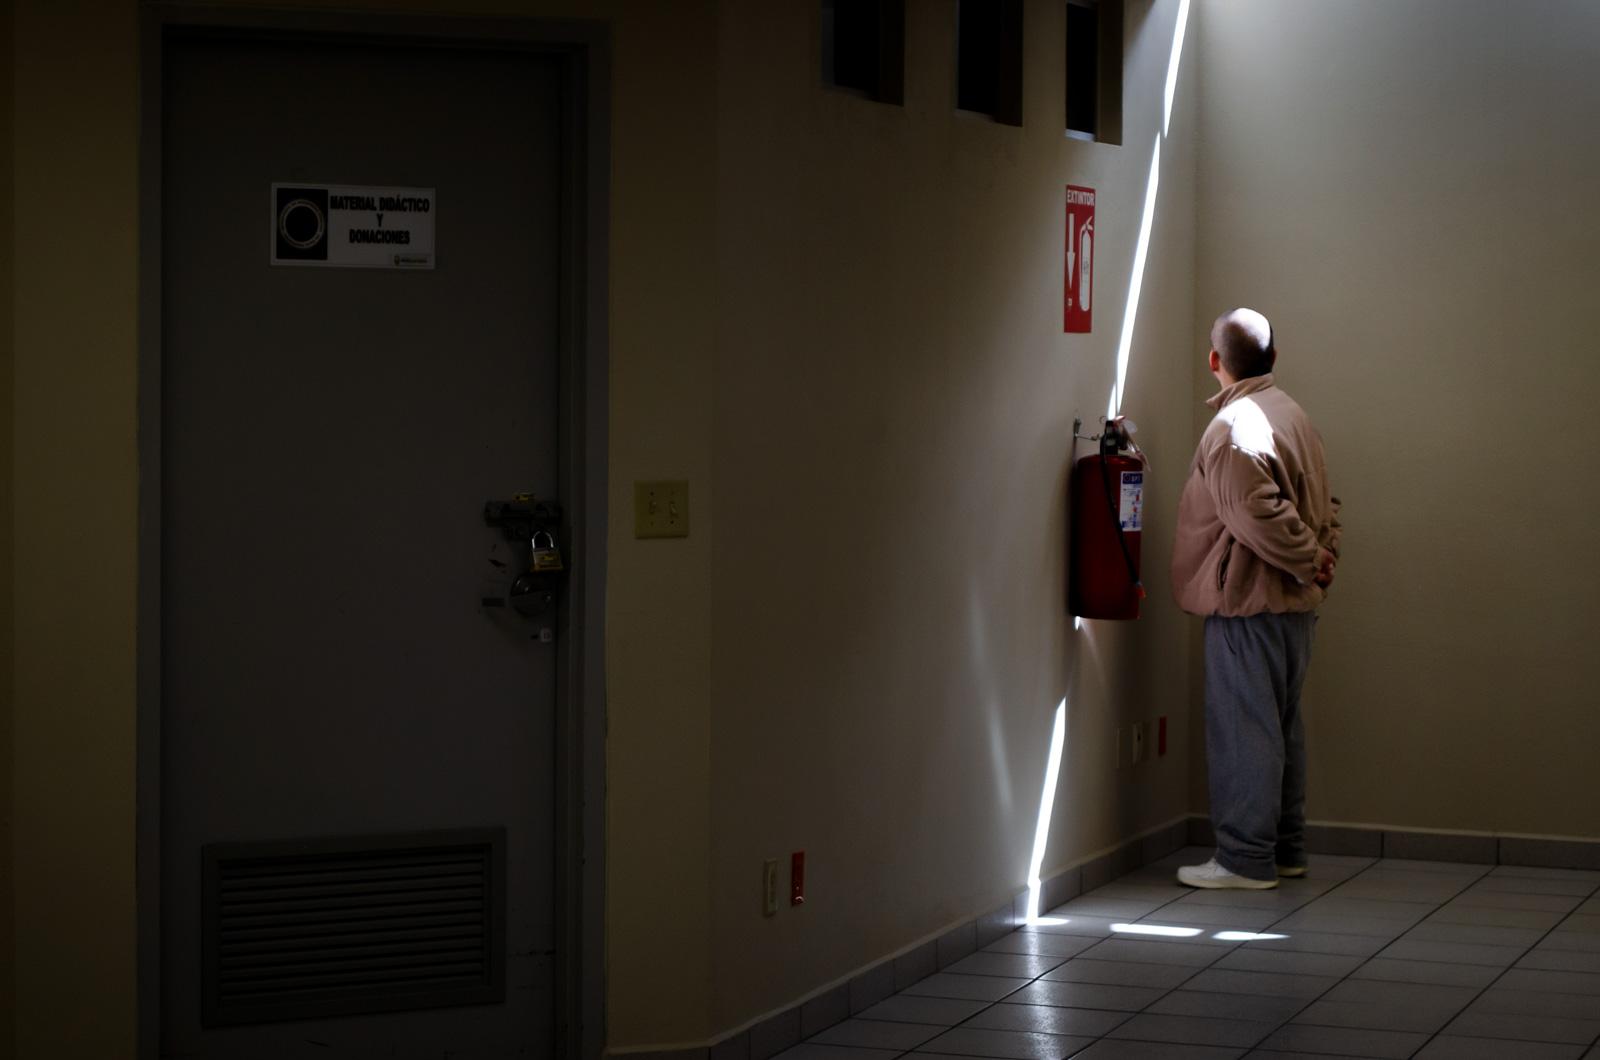 Aislamiento temporal: una sanción peligrosa contra los derechos humanos